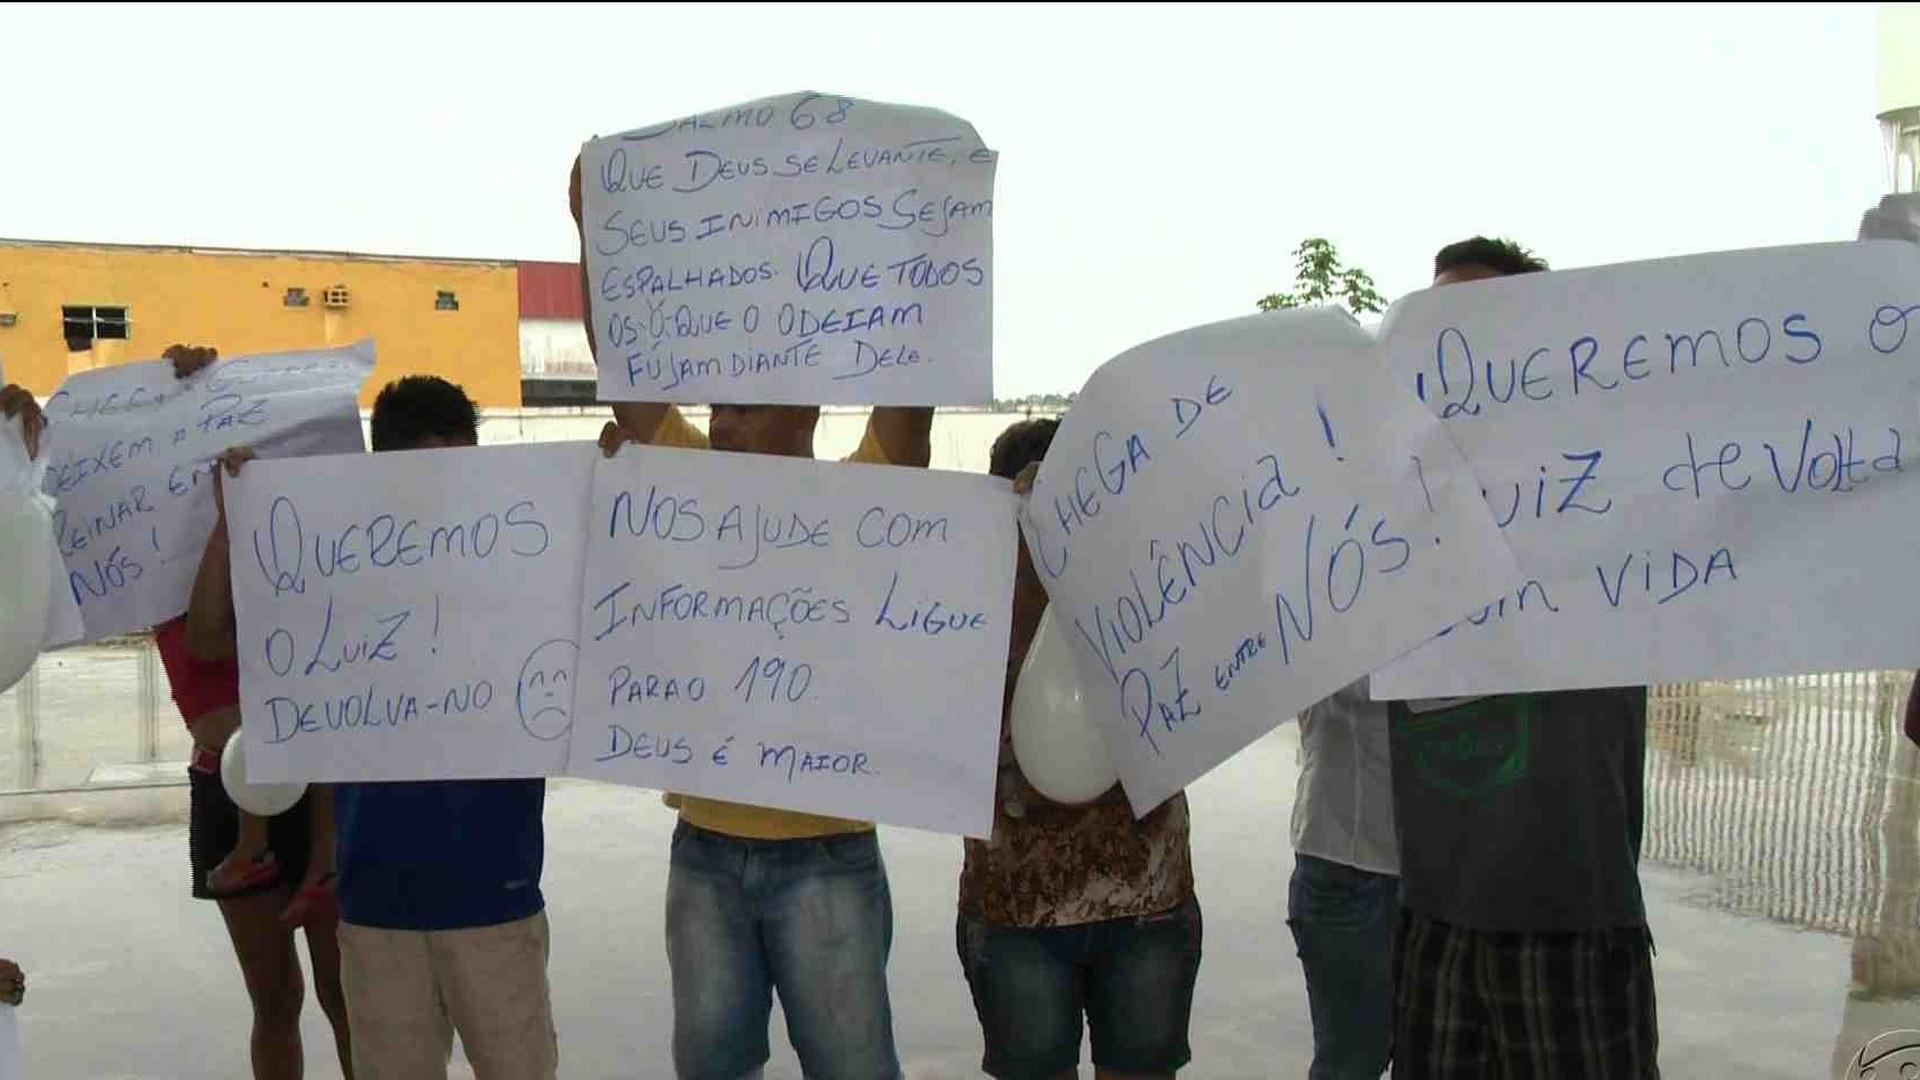 AMIGOS DE HOMEM SEQUESTRADO PEDEM PAZ - Cidade Alerta Manaus - 12/12/17